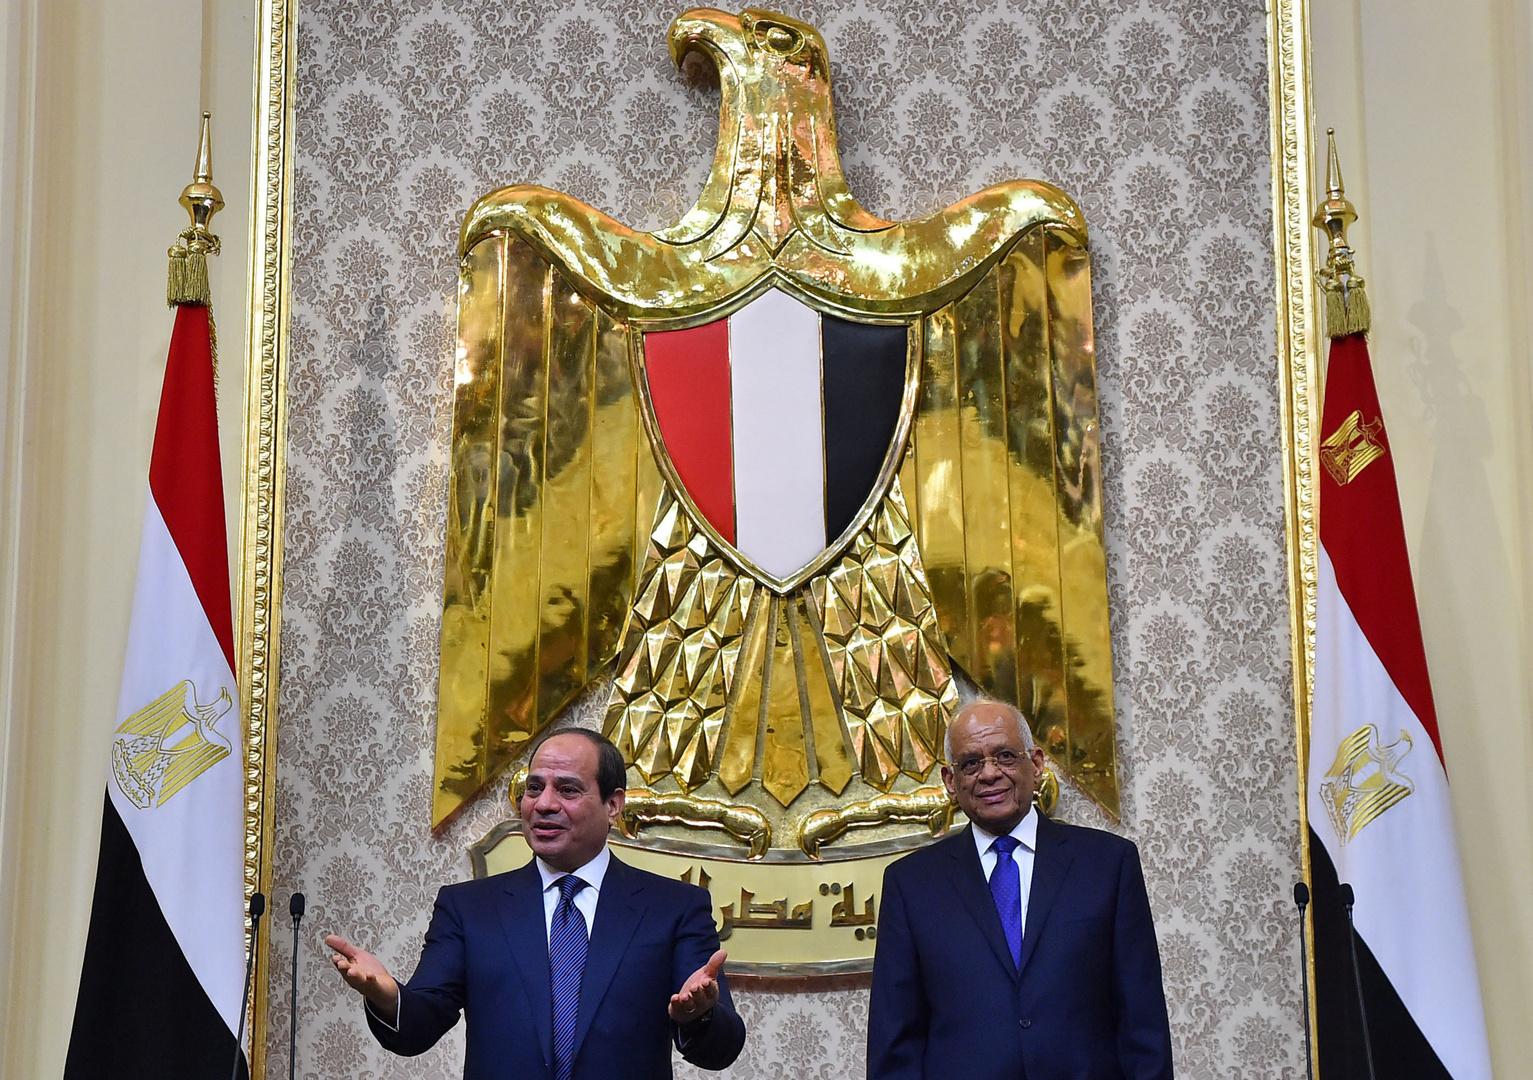 رئيس البرلمان المصري مع الرئيس المصري داخل البرلمان